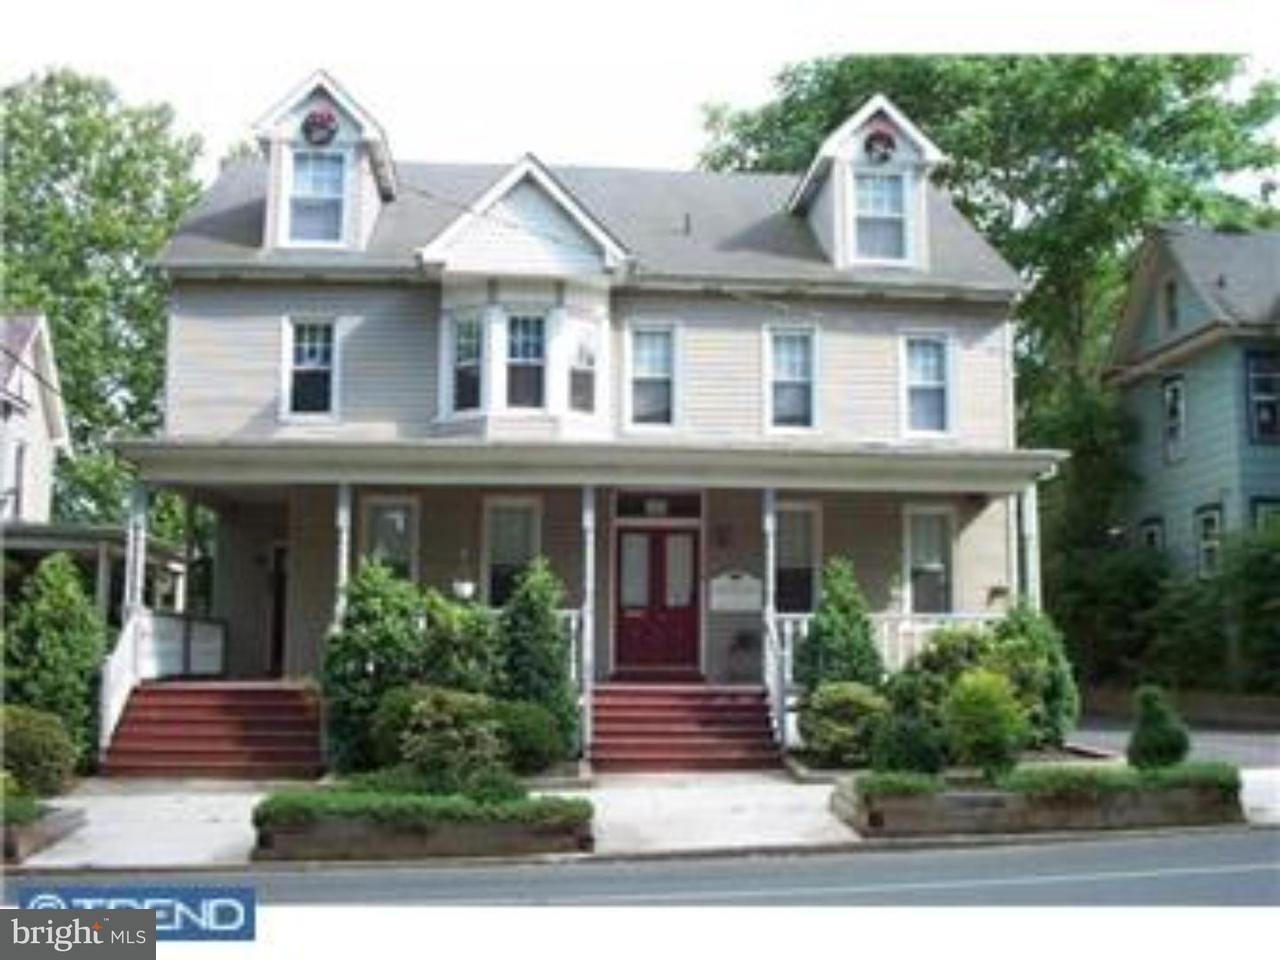 Casa unifamiliar adosada (Townhouse) por un Alquiler en 1112 KINGS HWY Swedesboro, Nueva Jersey 08085 Estados Unidos